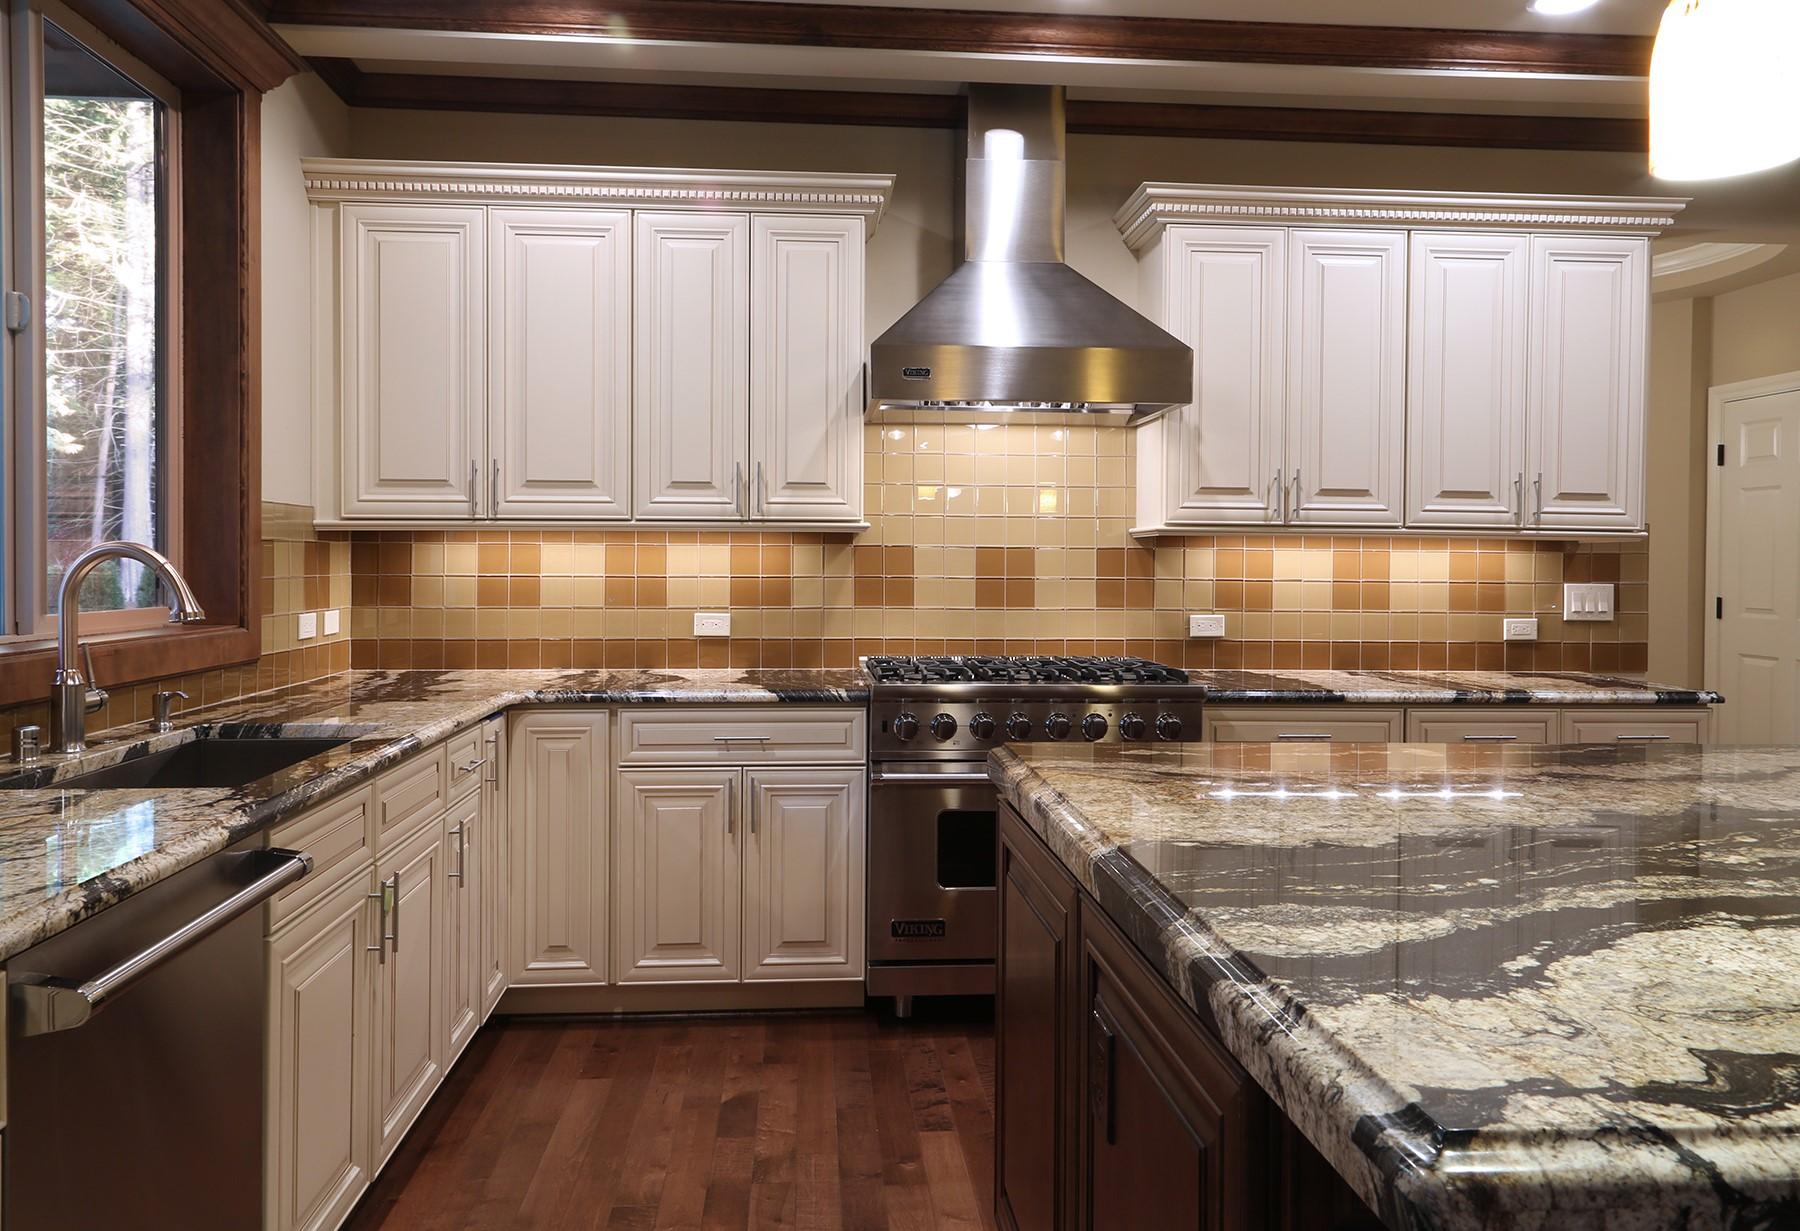 Gallery - Canada Kitchen Liquidators